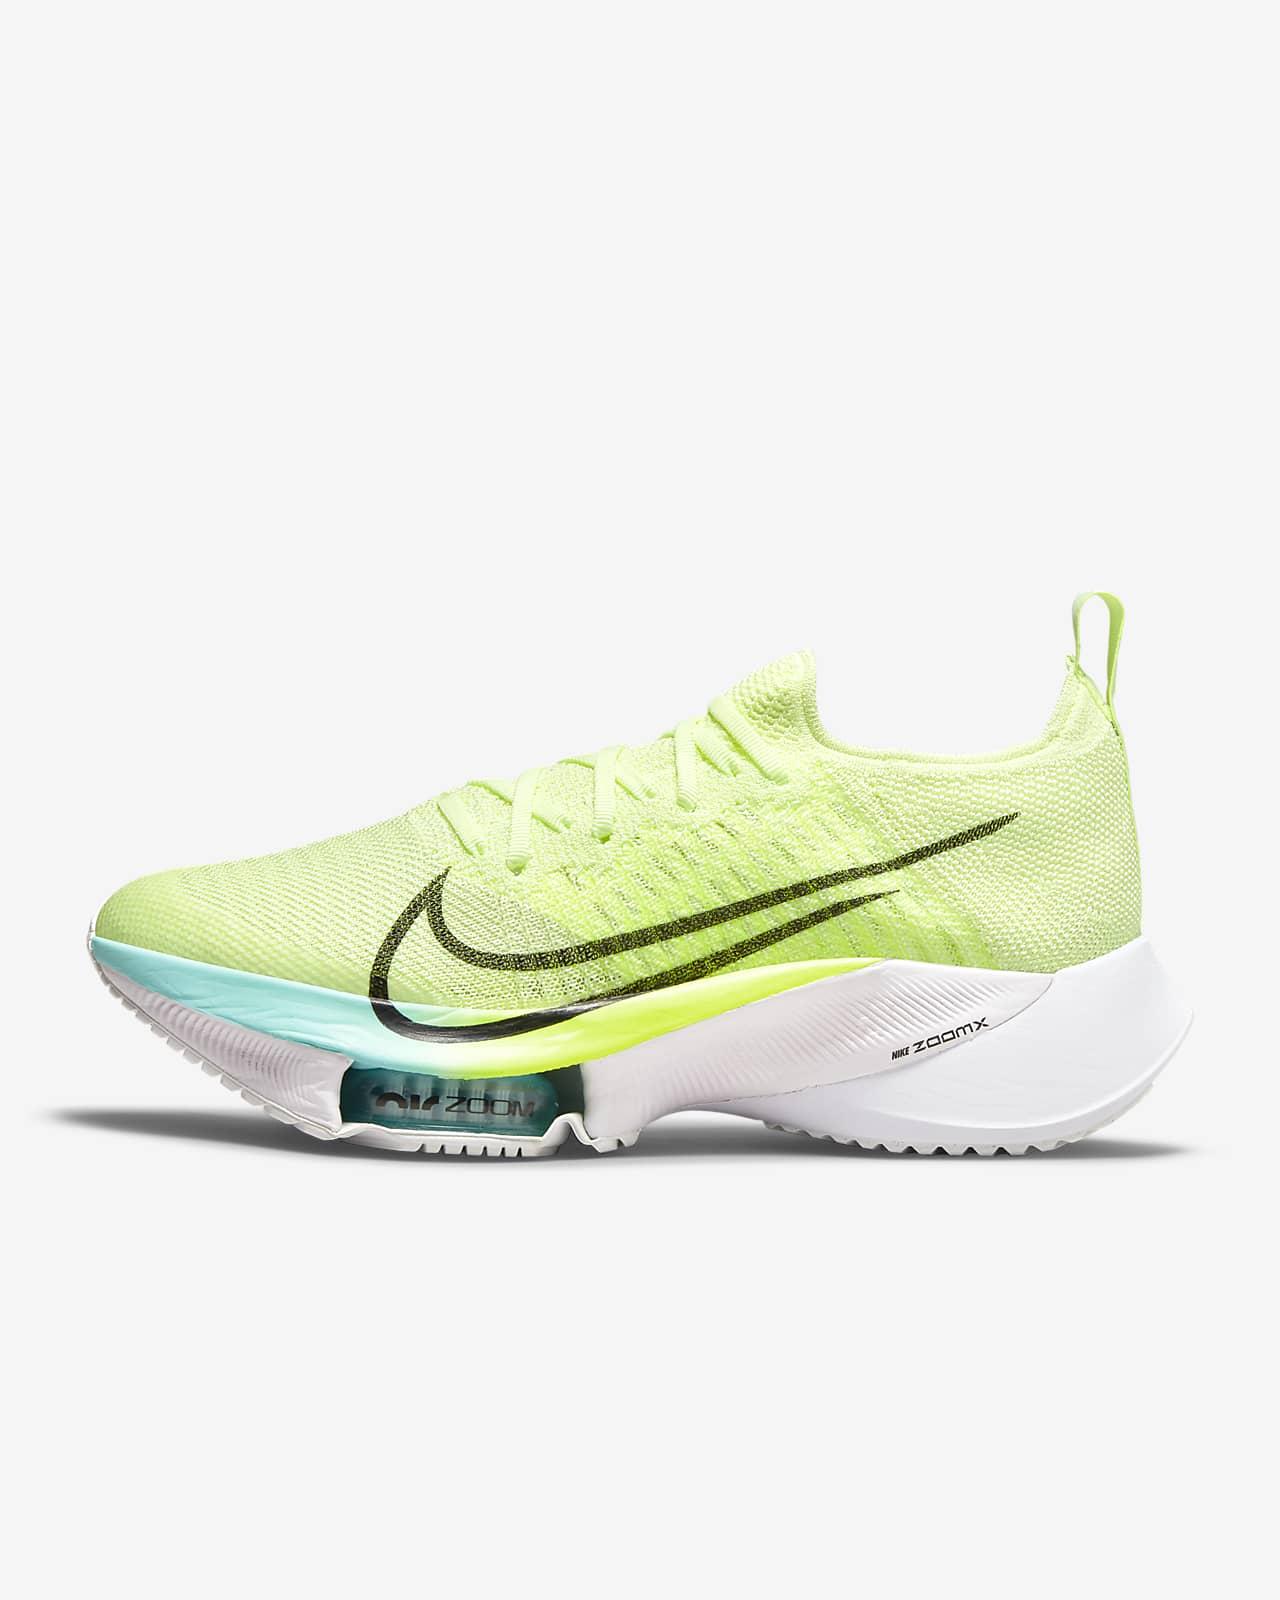 Nike Air Zoom Tempo NEXT% Zapatillas de running para asfalto - Mujer